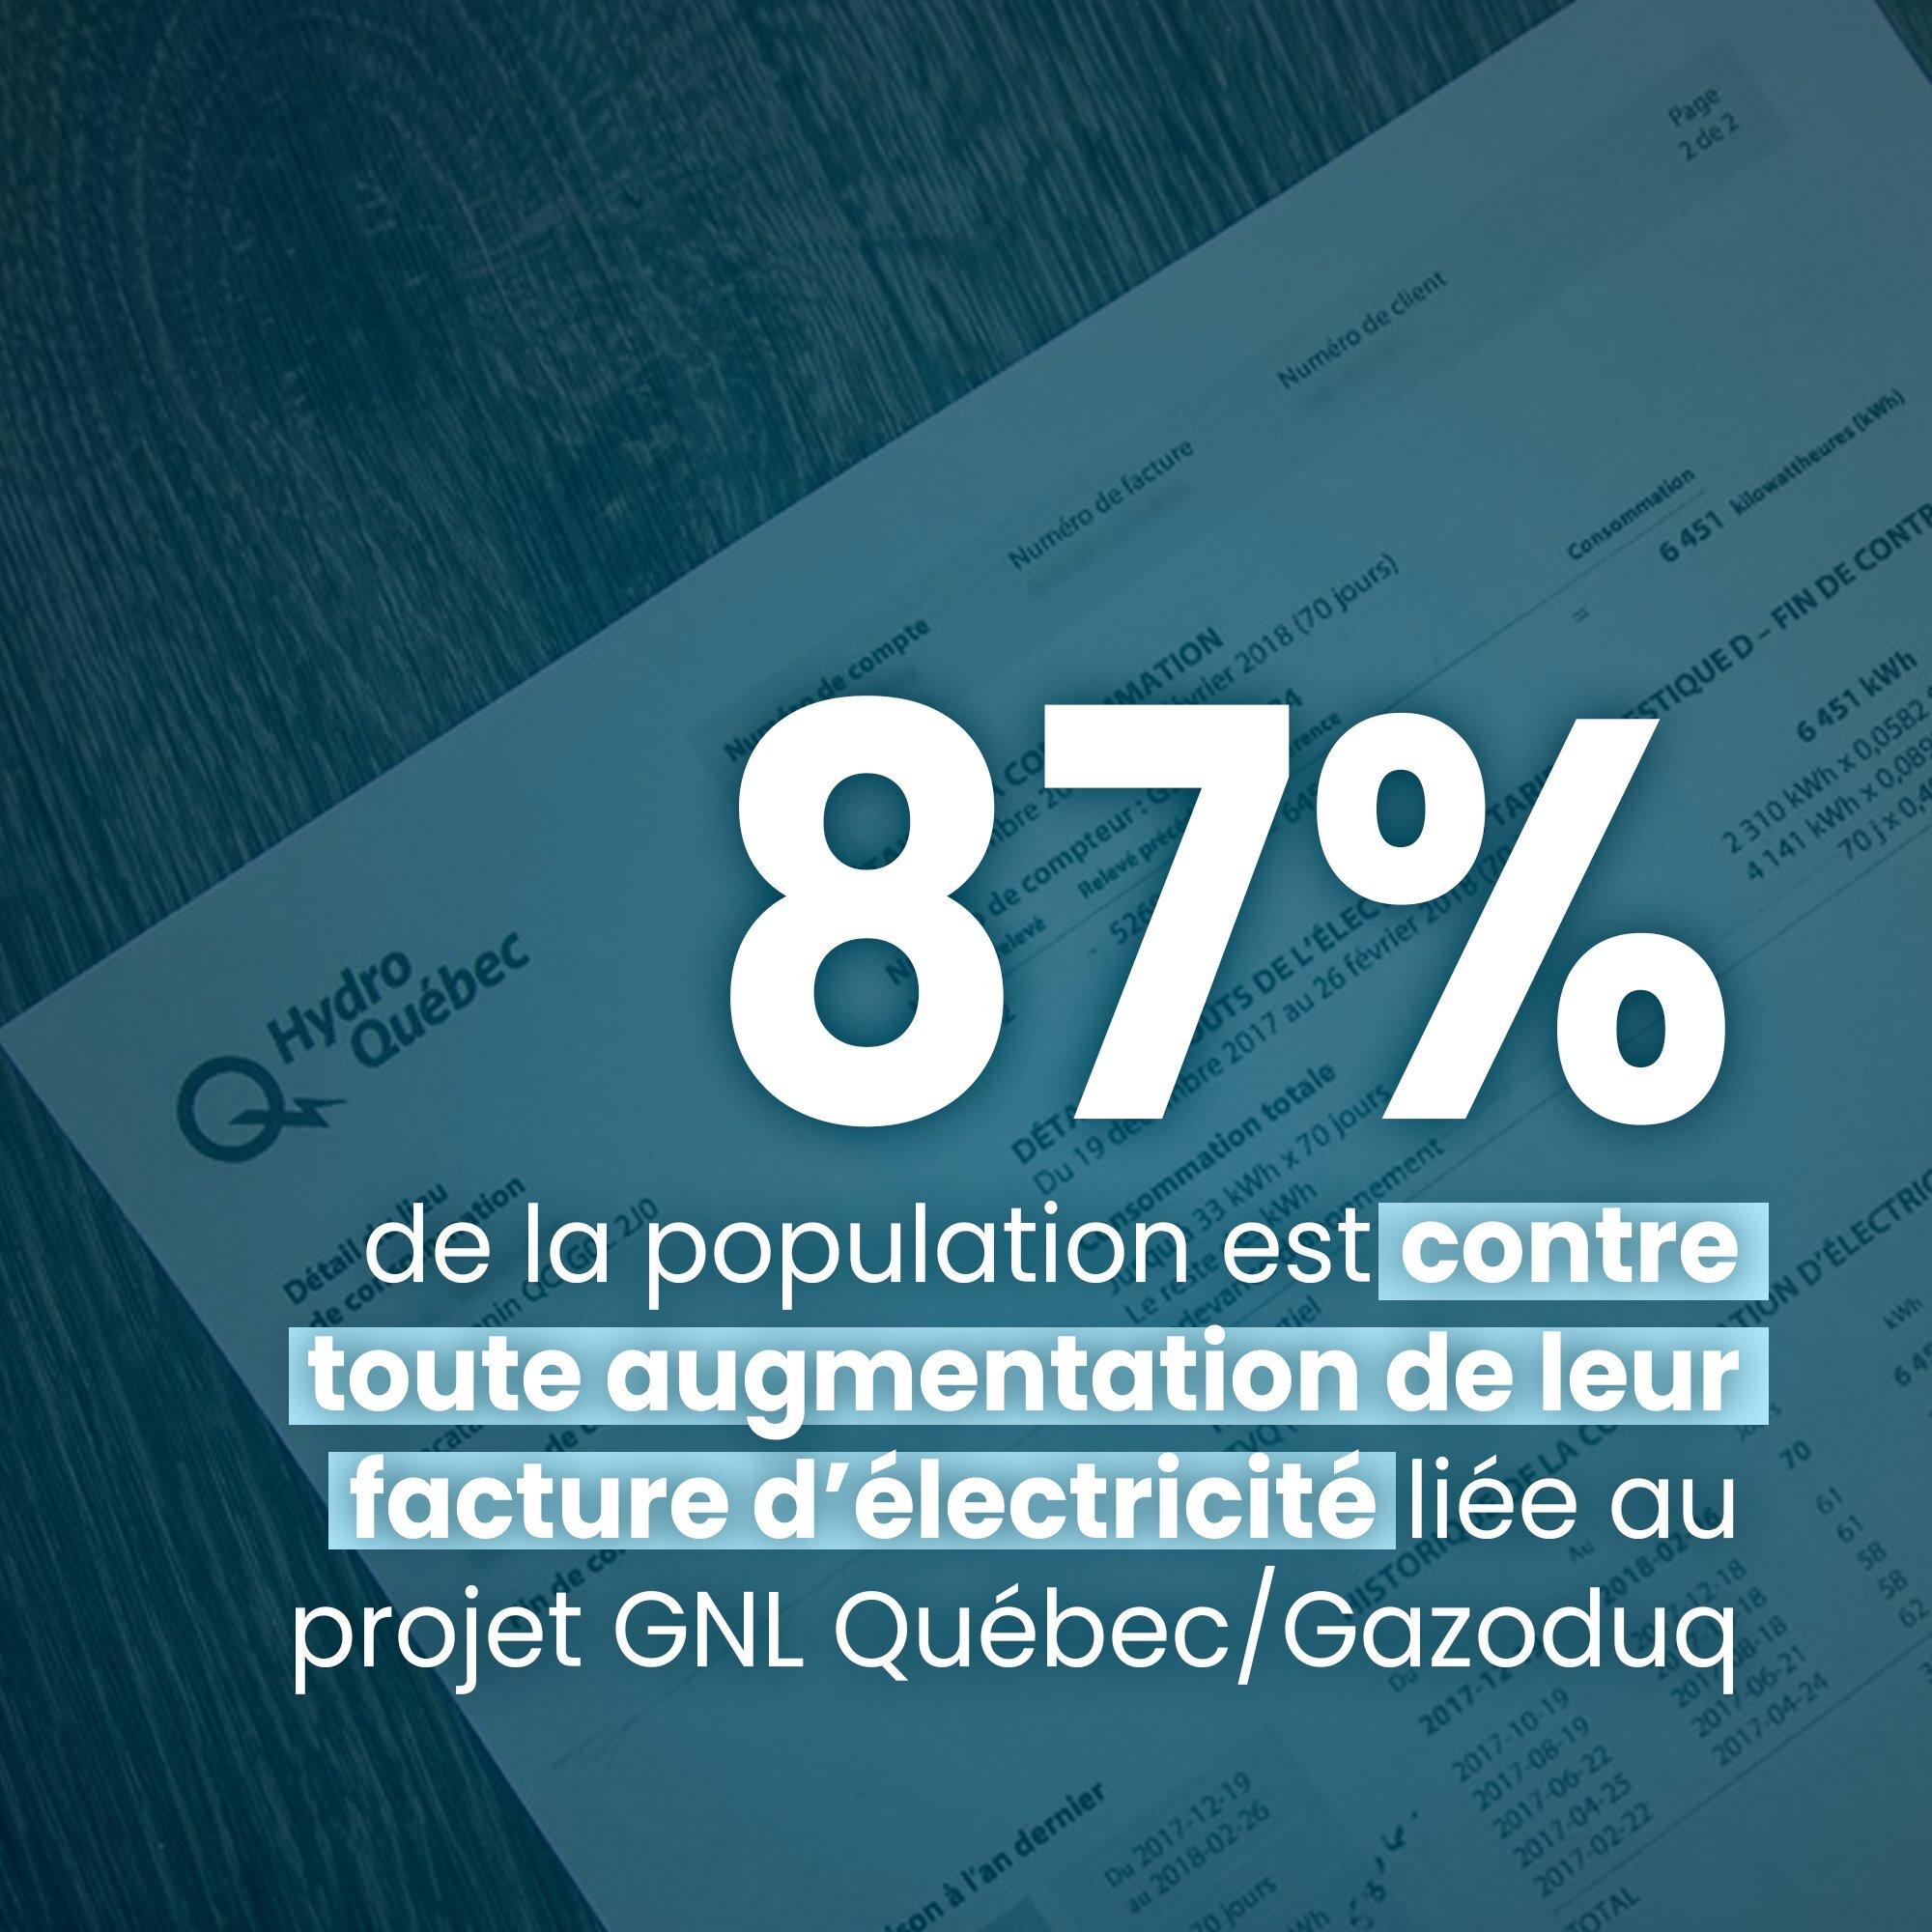 Communiqué - Sondage Léger :   87 % de la population contre toute augmentation de leur facture d'électricité en raison de GNL Québec/Gazoduq